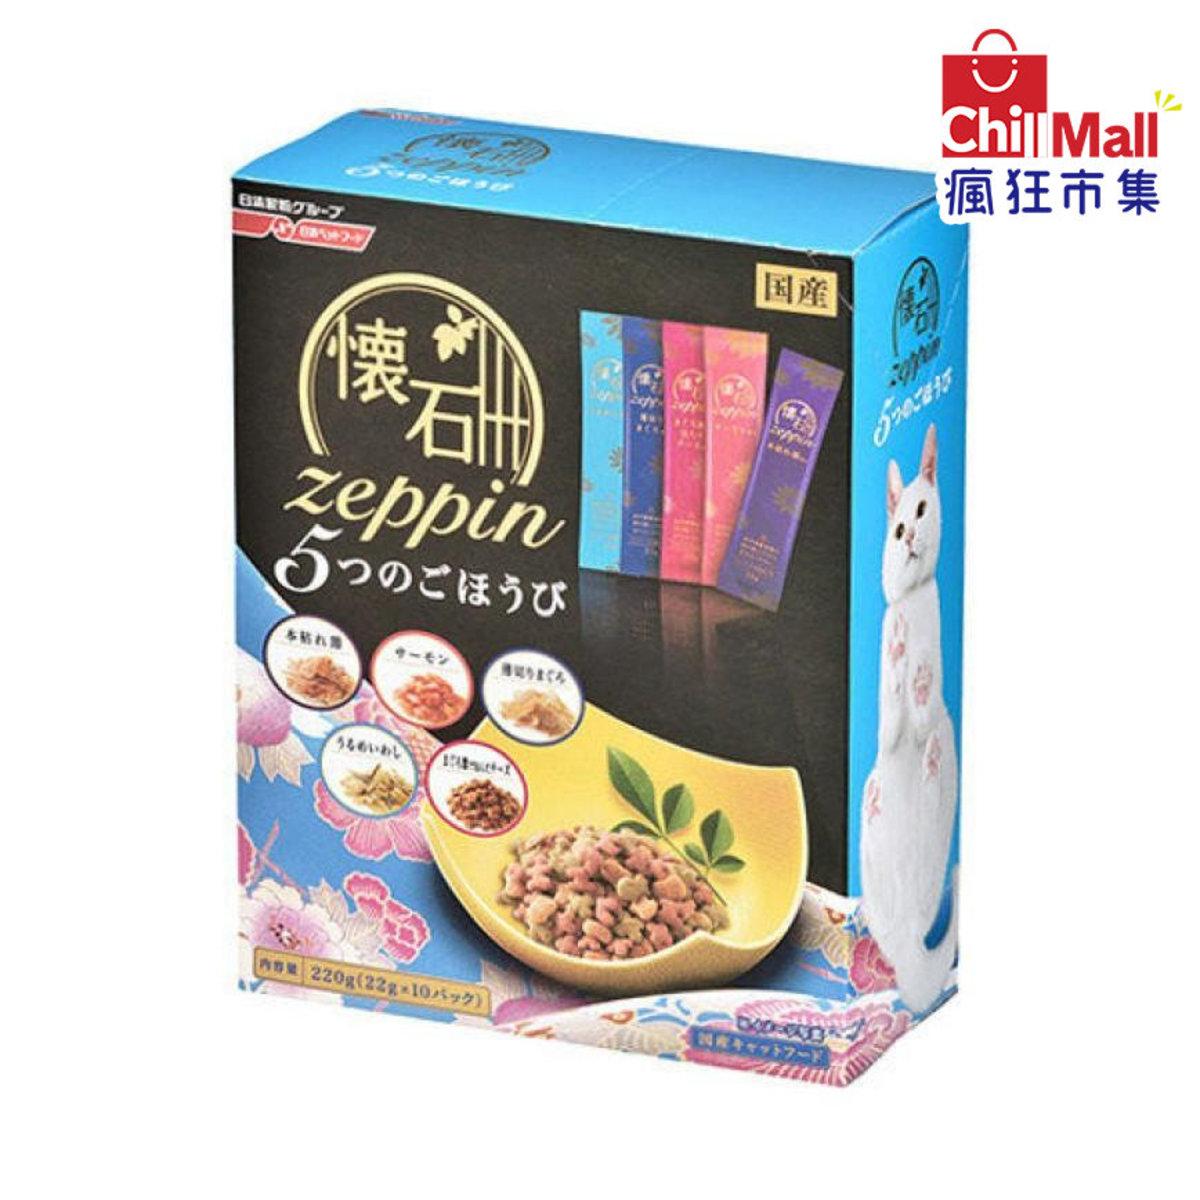 日本日清懷石料理貓小食 三文魚金槍魚片及奶酪味 220g (天藍) 2025906